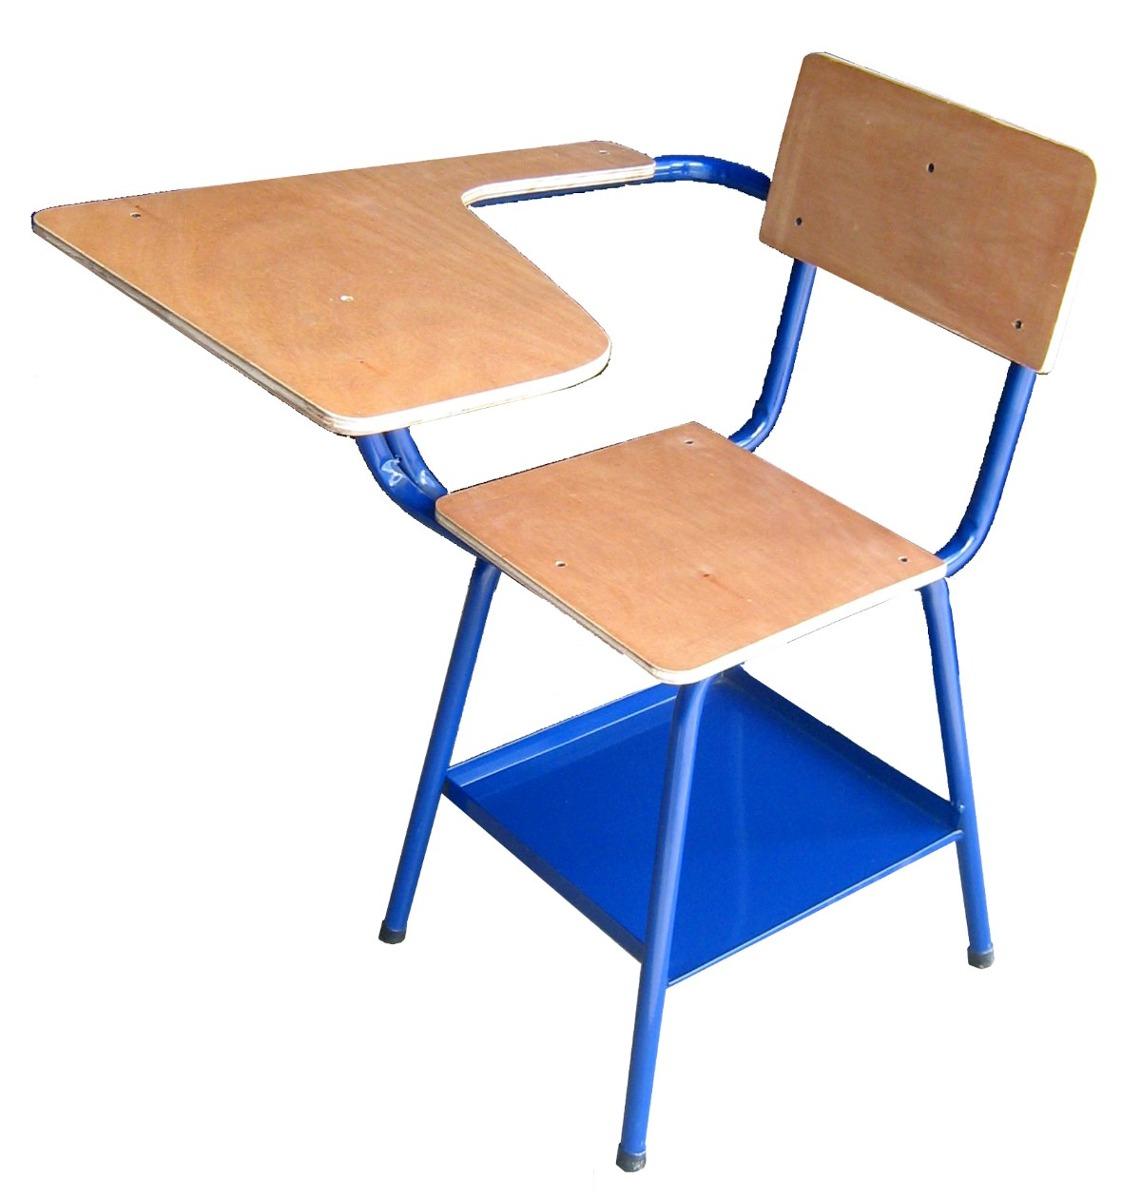 Pupitres Archivadores Cajoneras Muebles De Oficina U S 33 00  # Muebles Cayambe